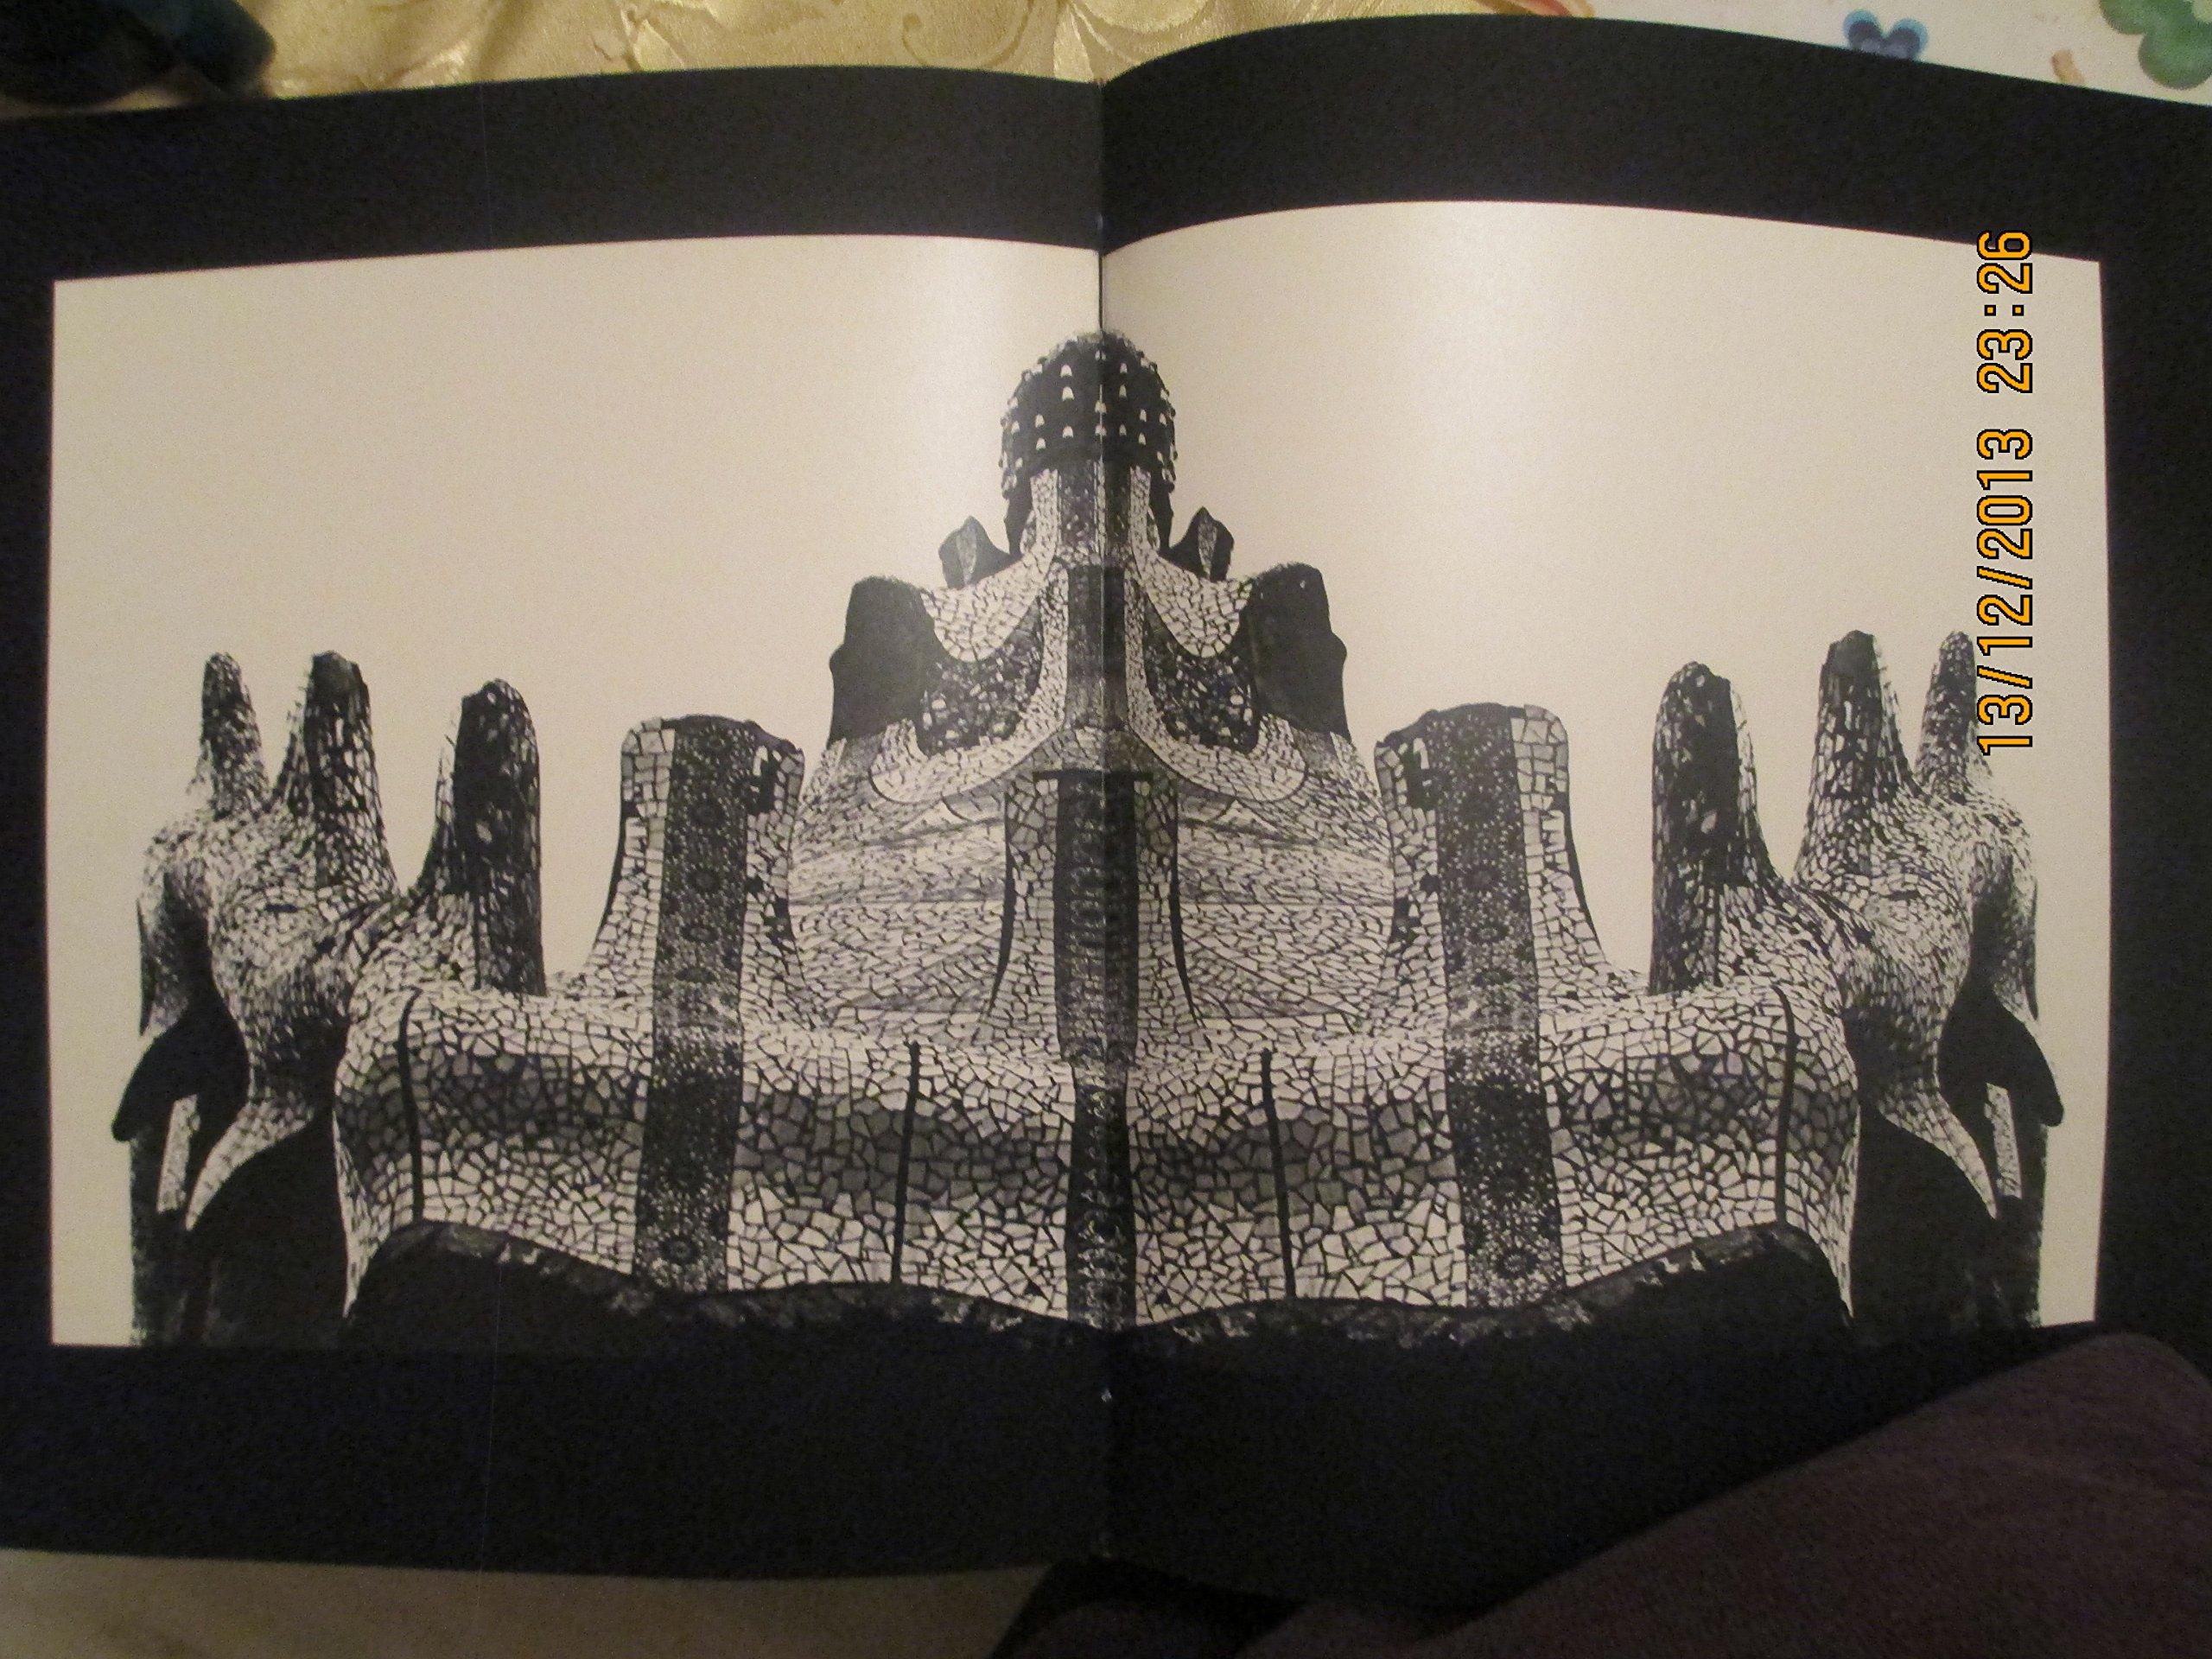 Amazon.com: la vision artistica y religiosa de gaudi ...